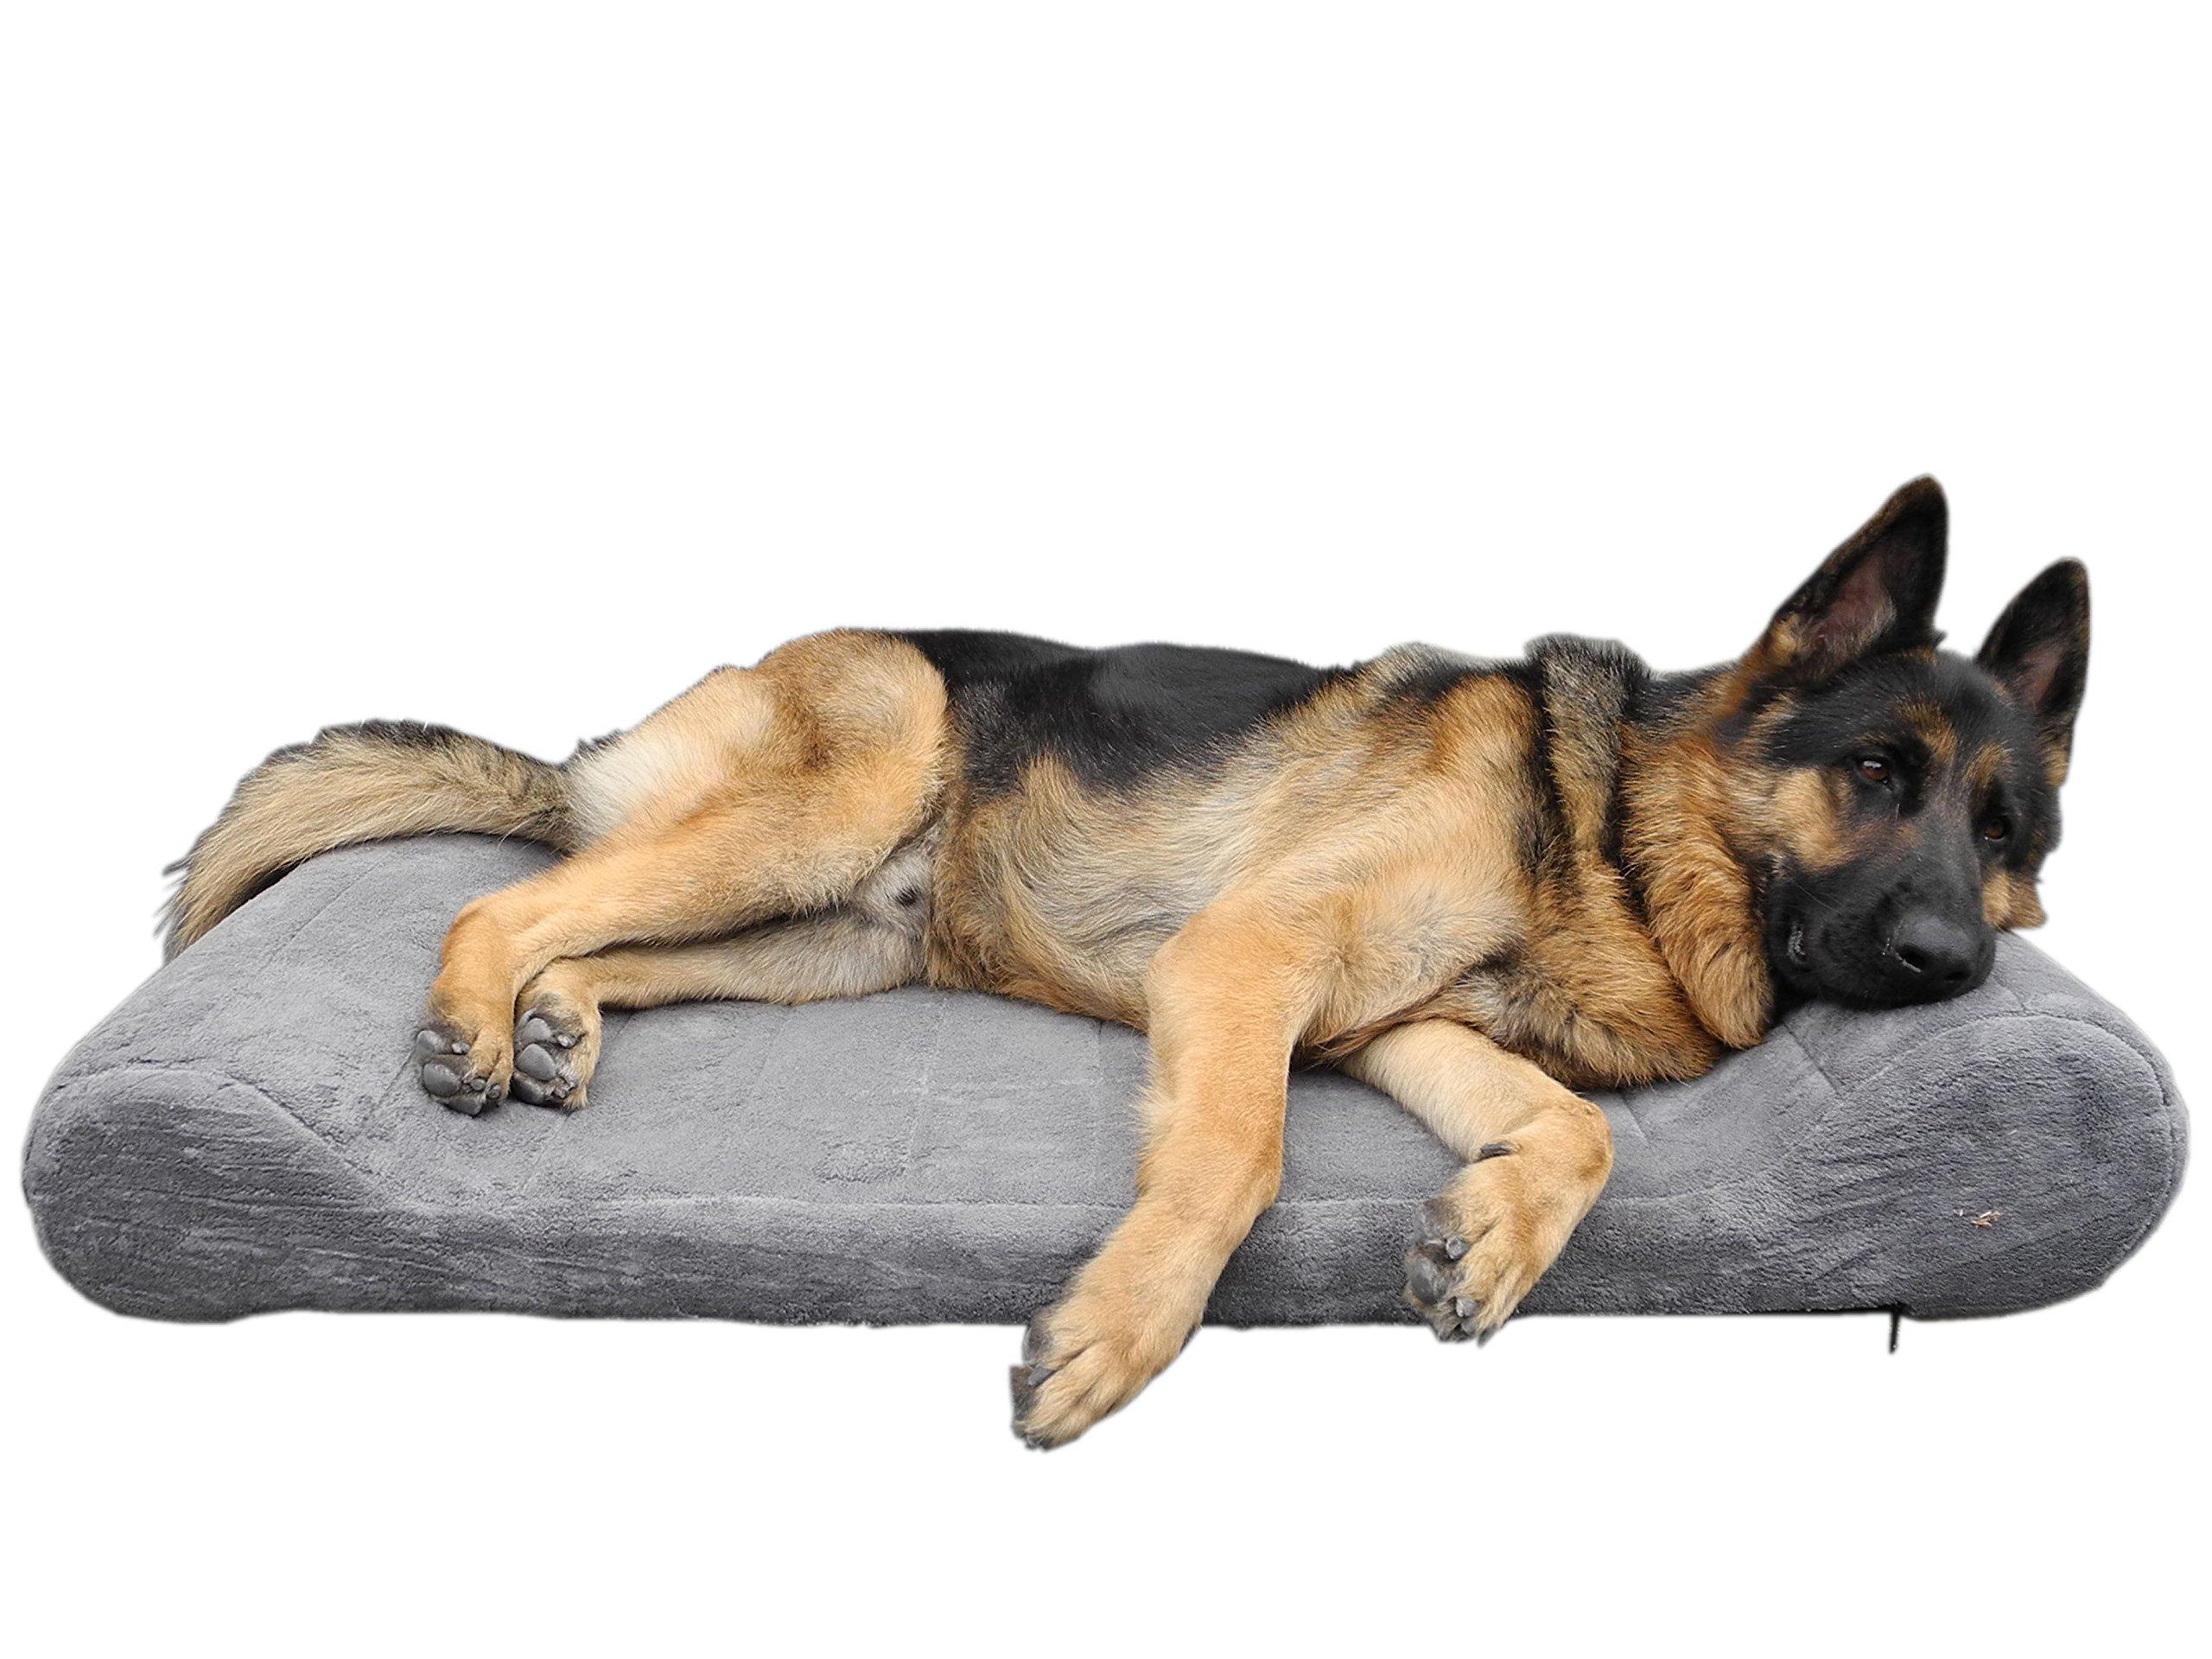 Go Pet Club GG-44 Pet Sofa, Gray